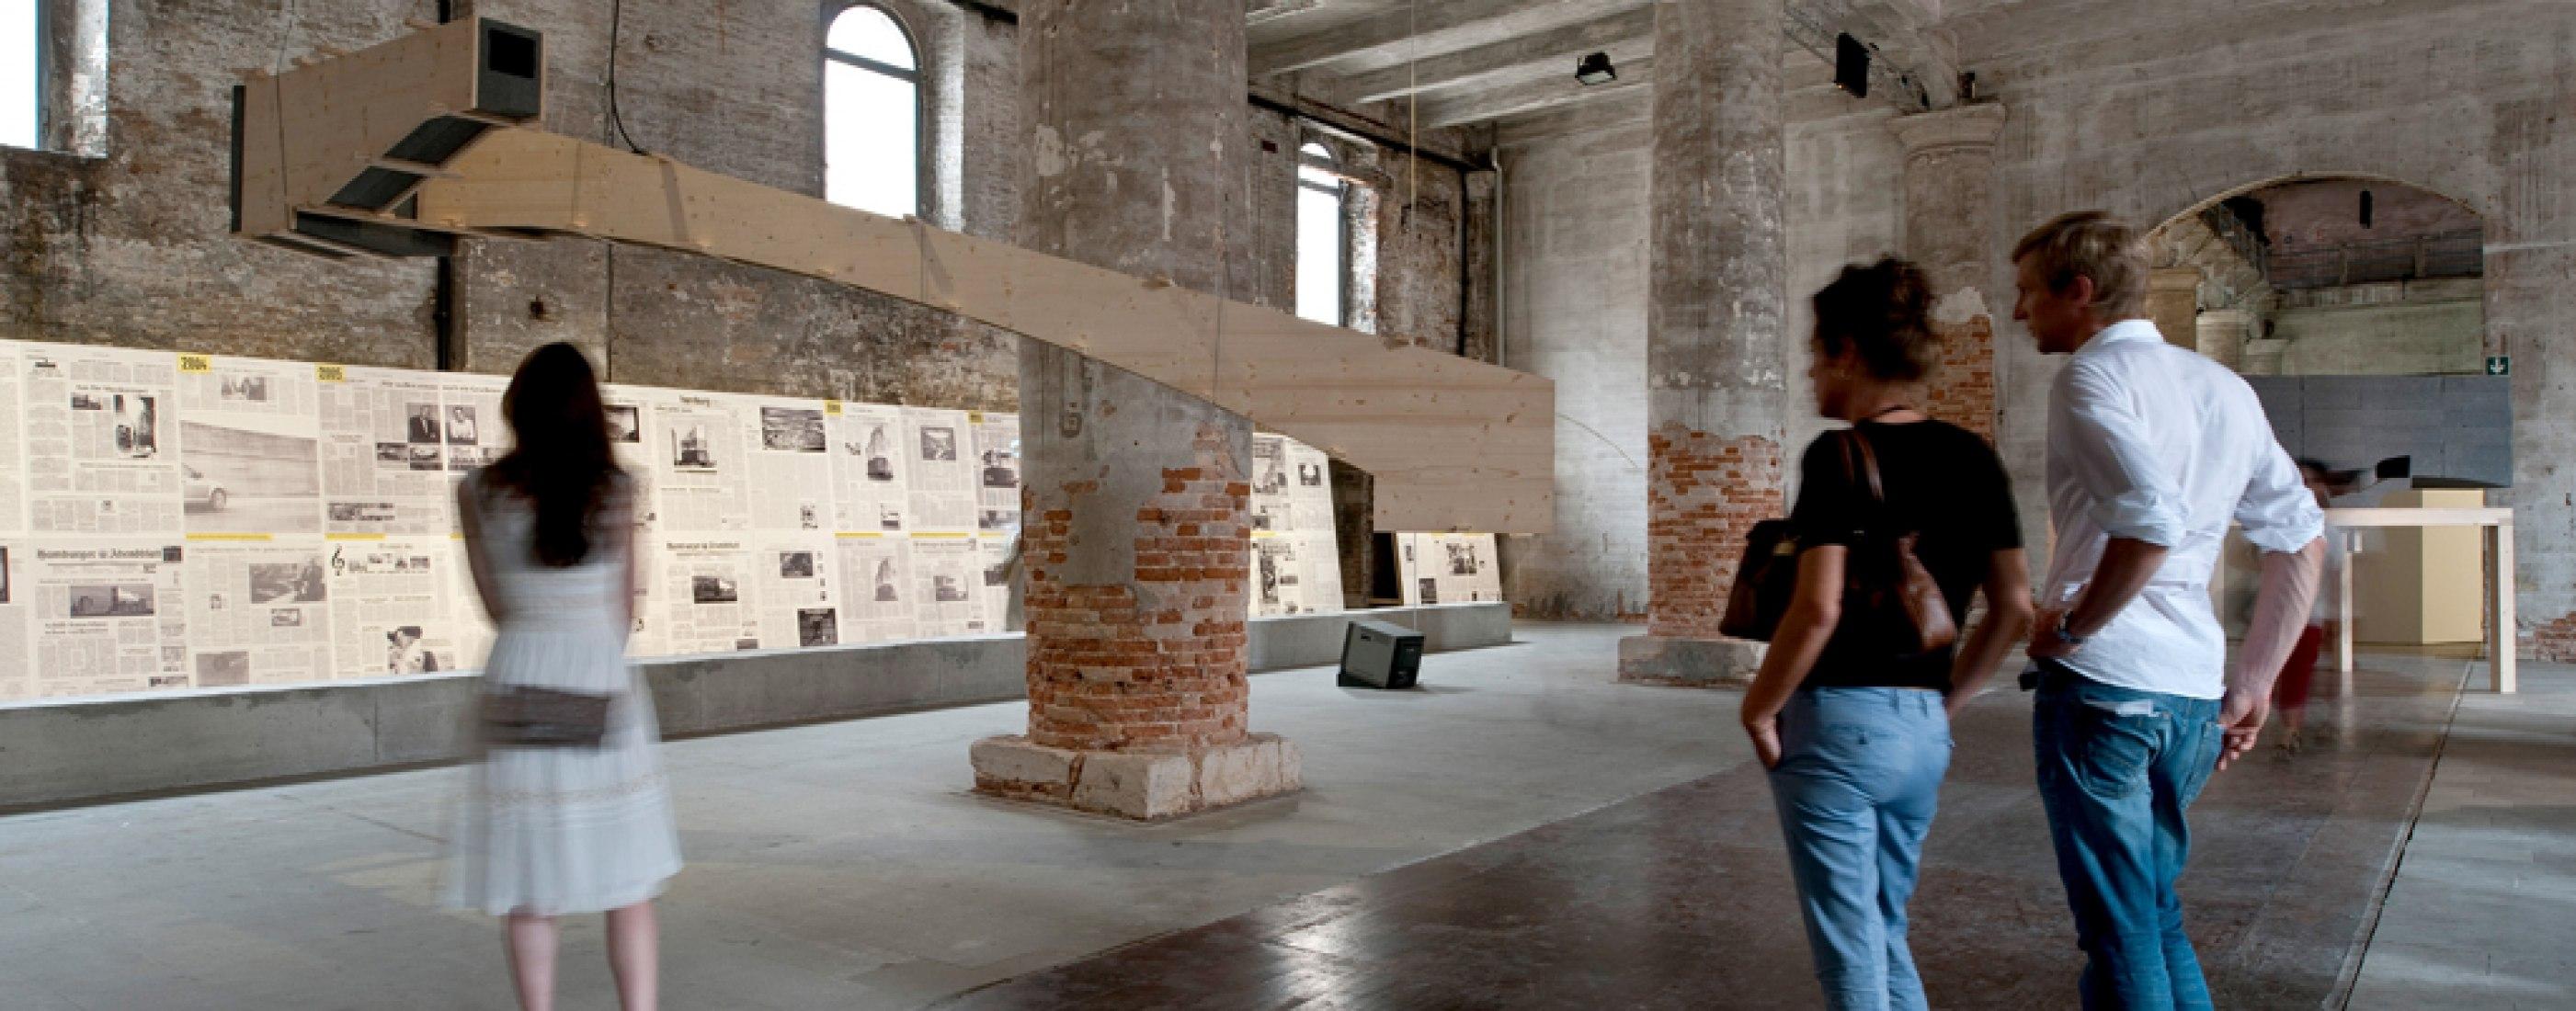 Contribution to La Biennale di Venezia. 2012. Elbphilharmonie by Herzog&De Meuron.